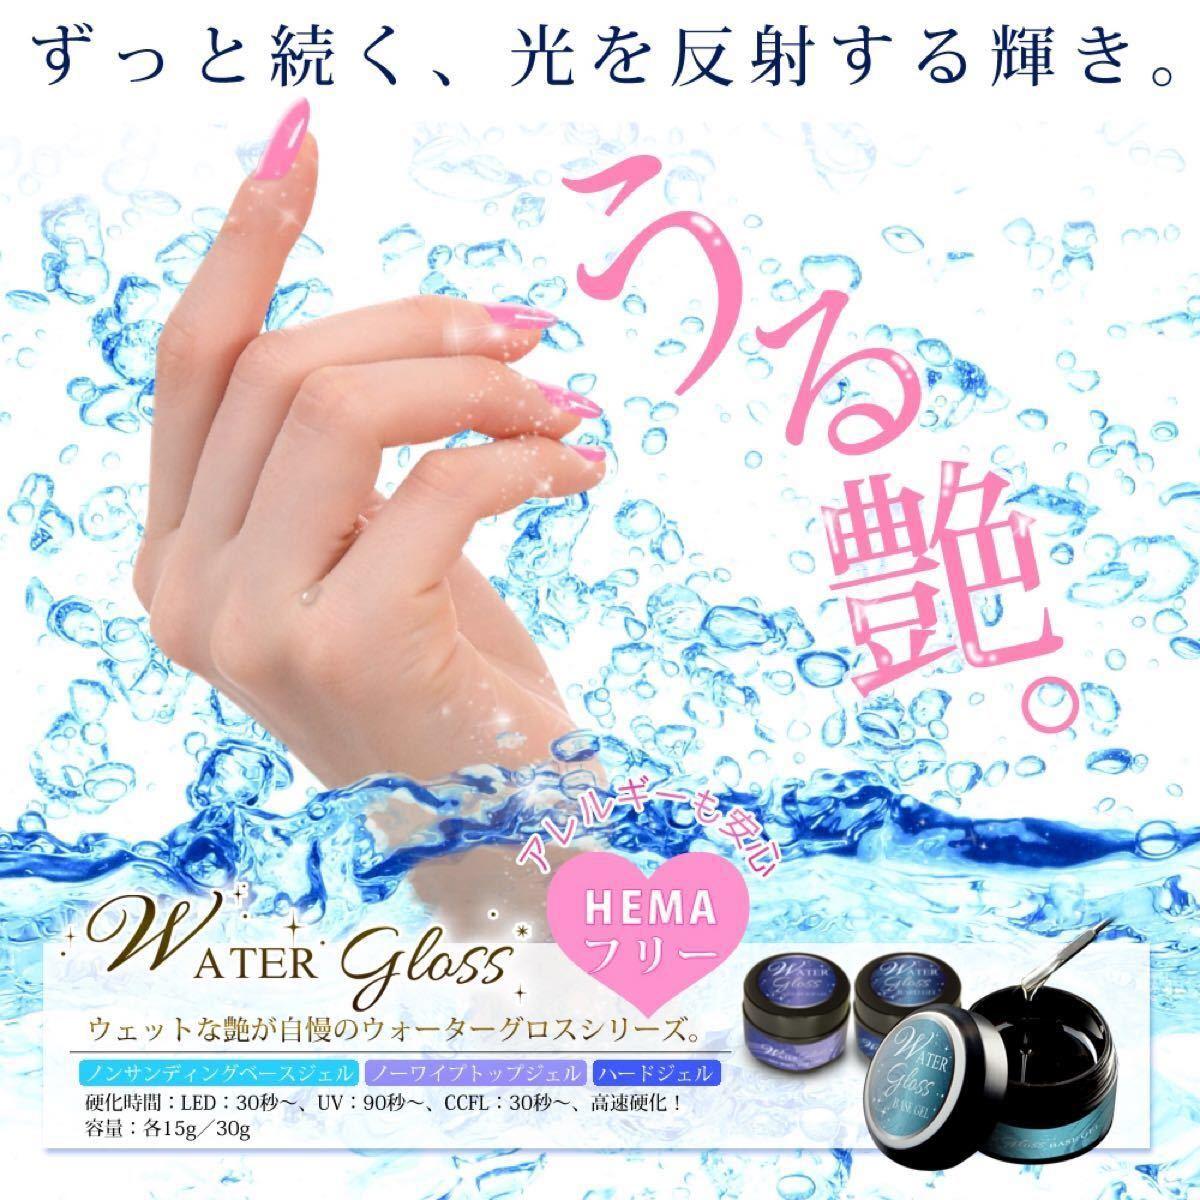 【専用商品】ウォーターグロスジェル トップ&ハードジェル各15g、トップ30g